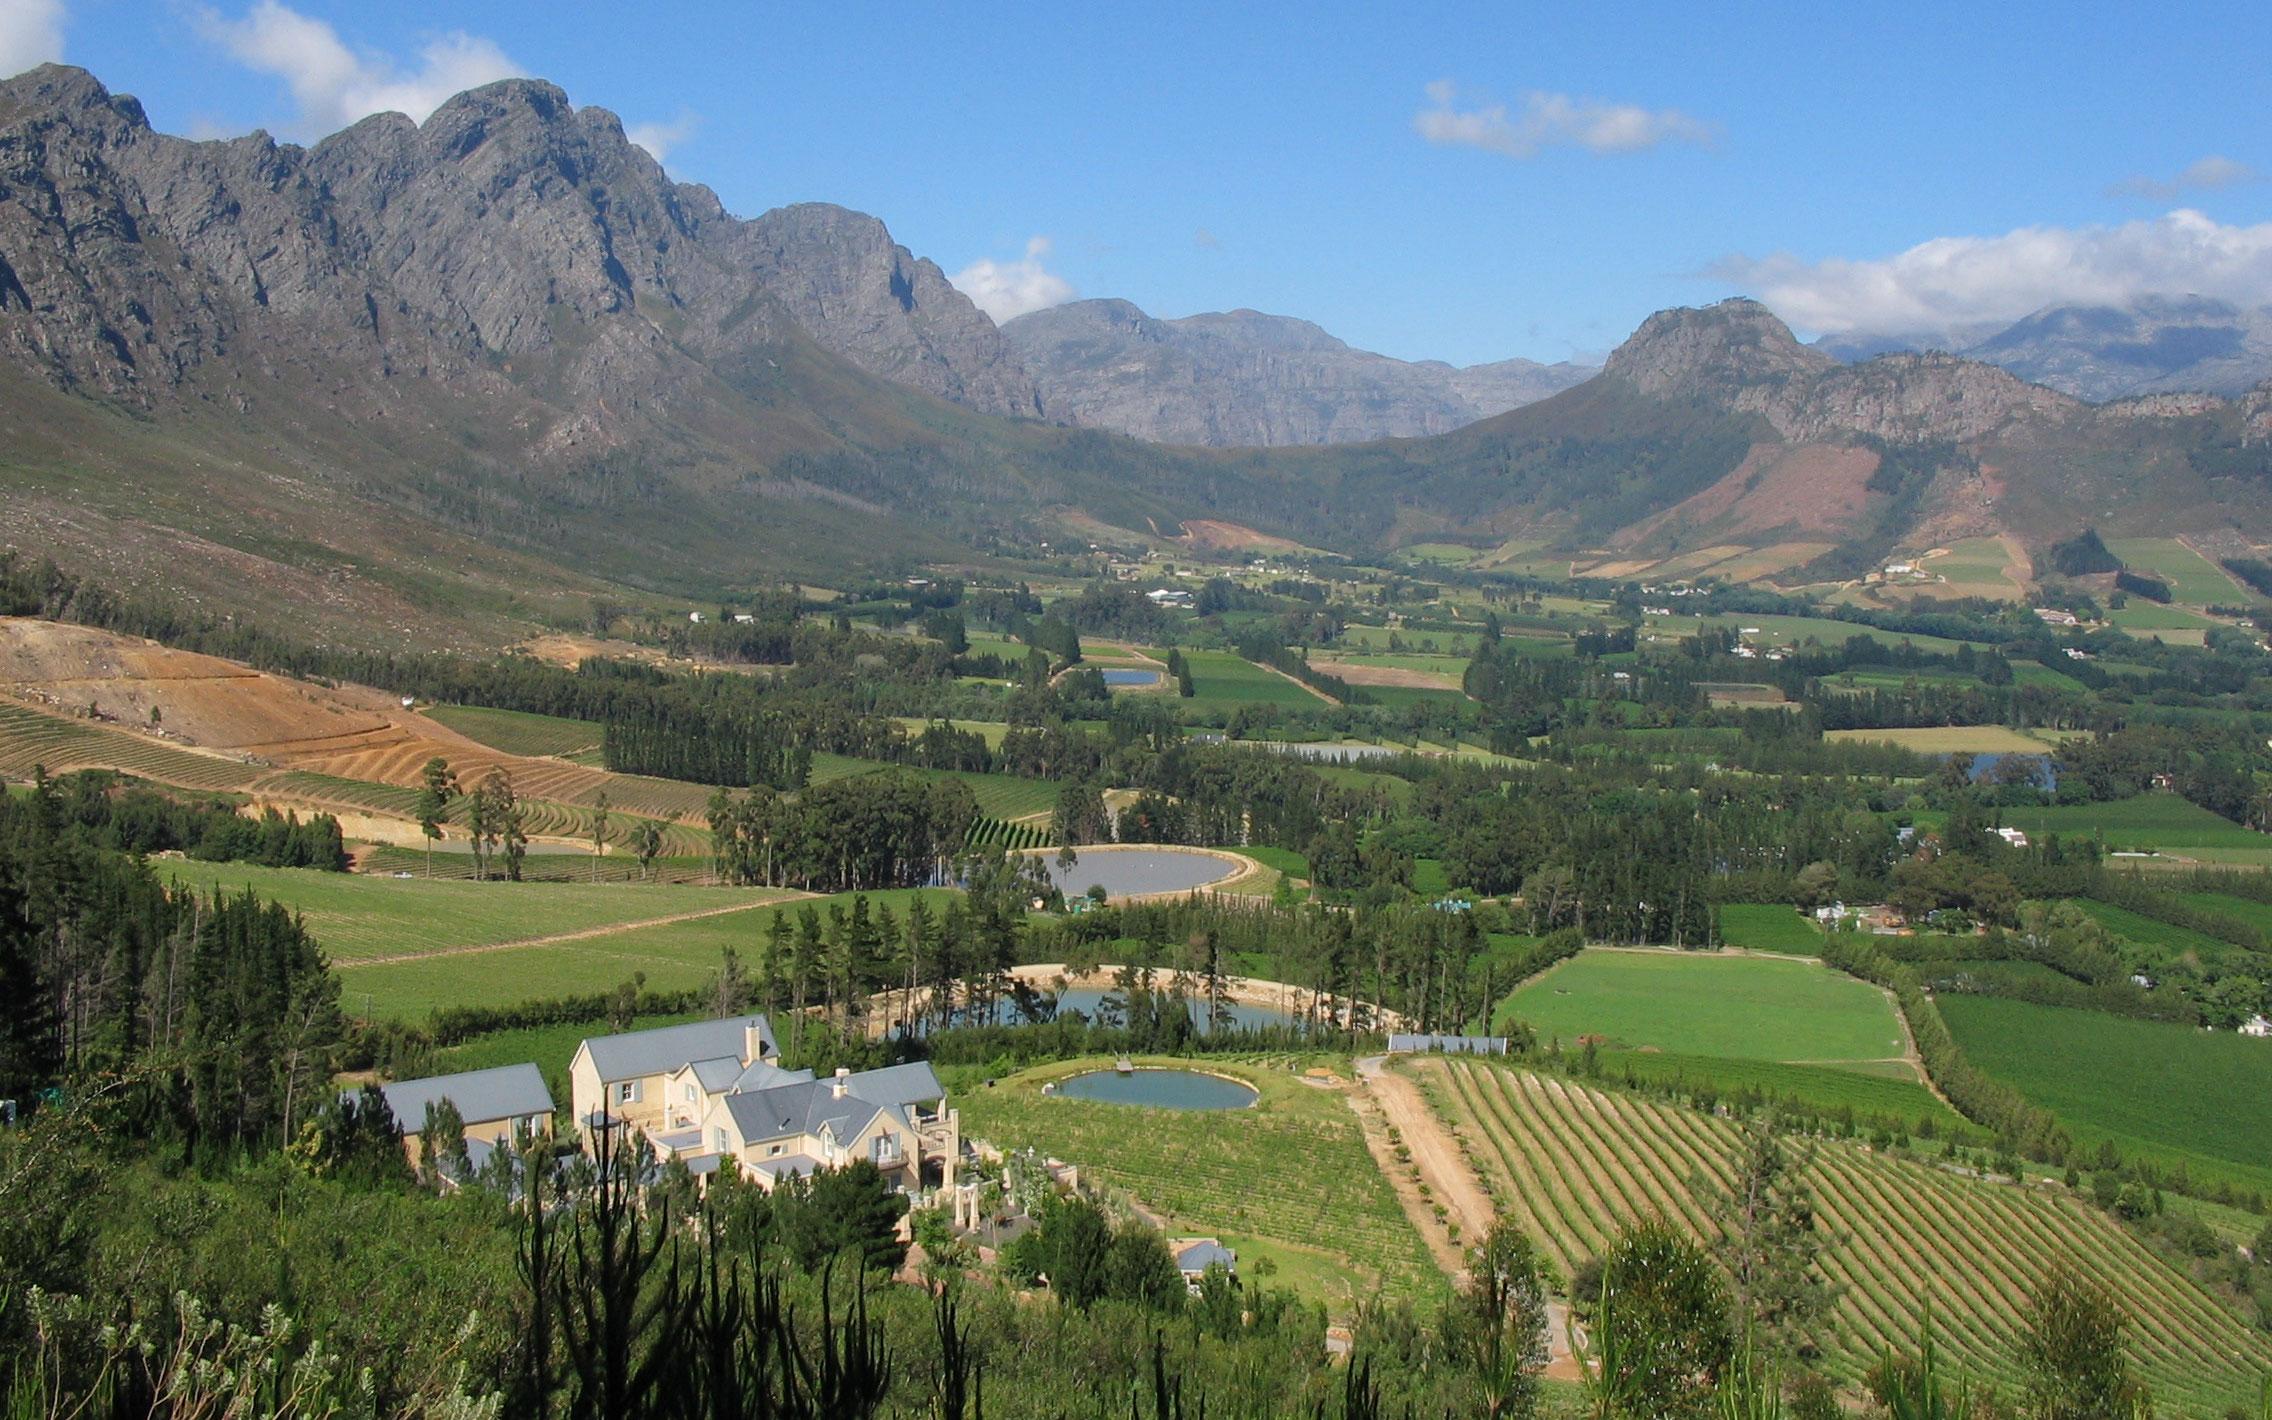 delaire graff franschhoek valley cape winelands region de los vinos del cabo enkosi africa sudafrica region de los vinos del cabo